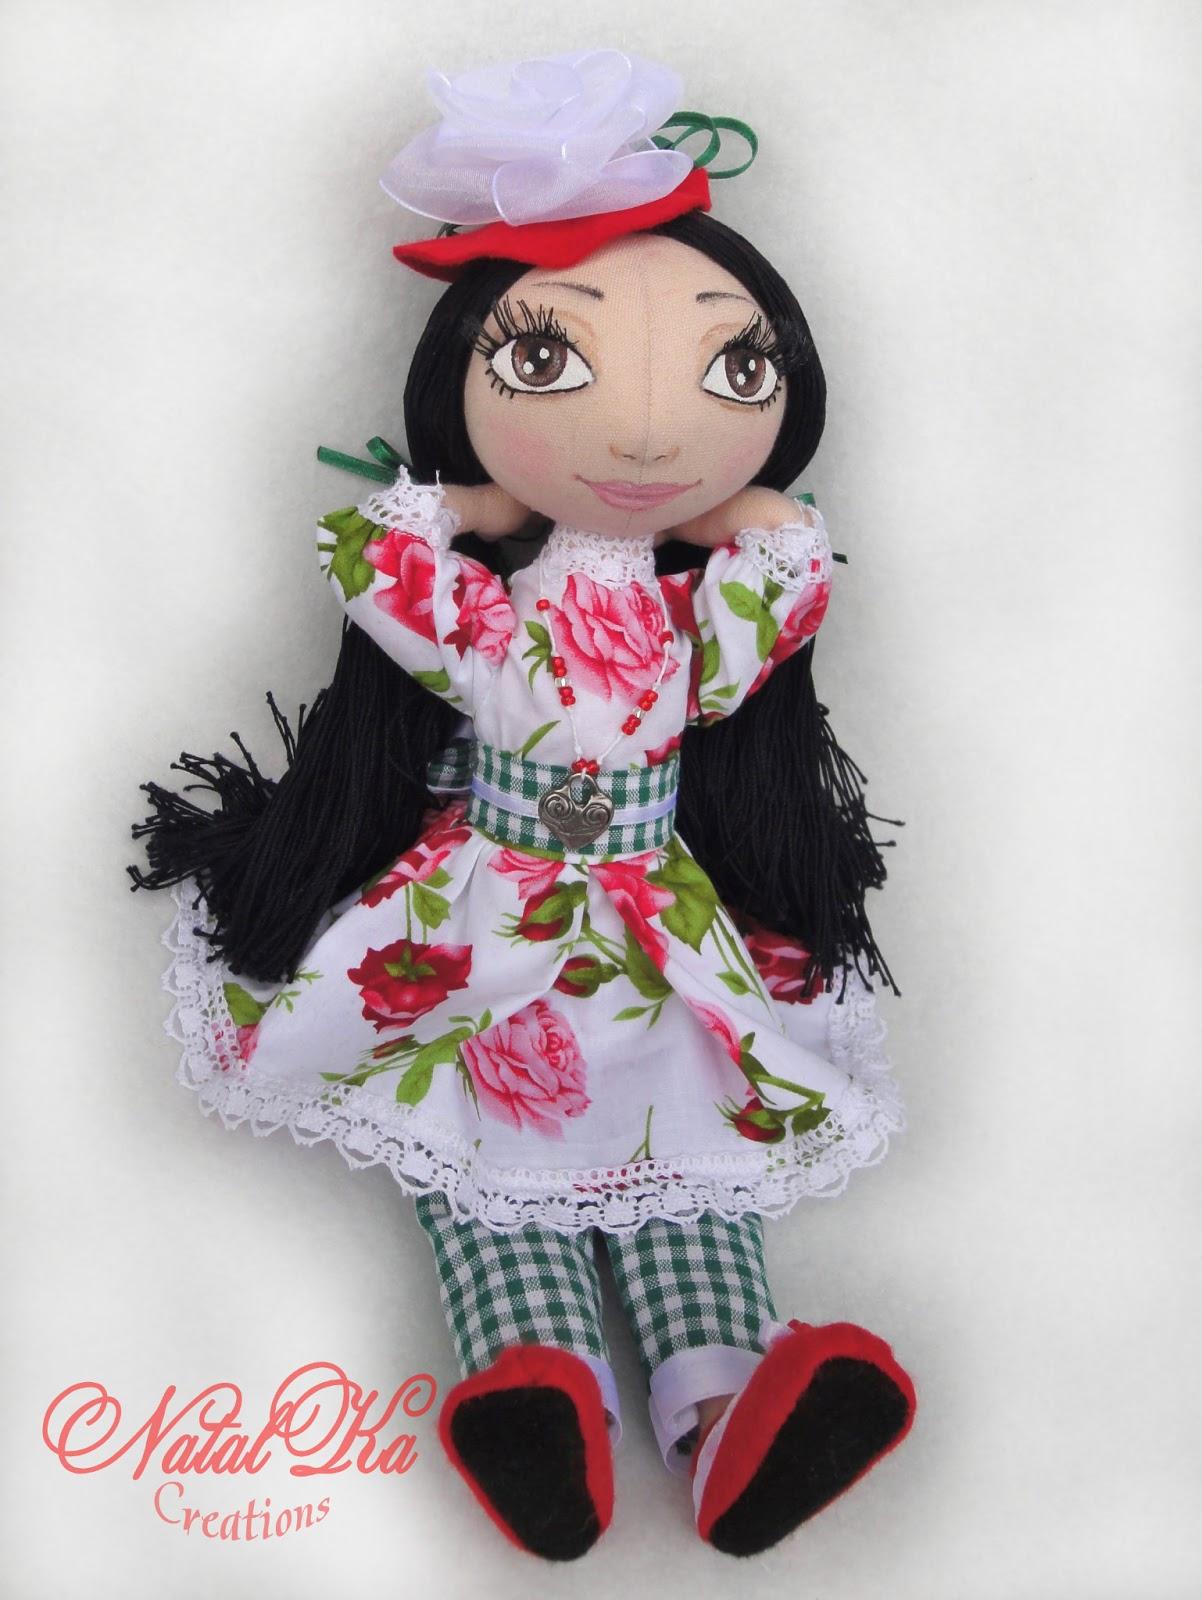 Авторская текстильная кукла ручной работы от NatalKa Creations.